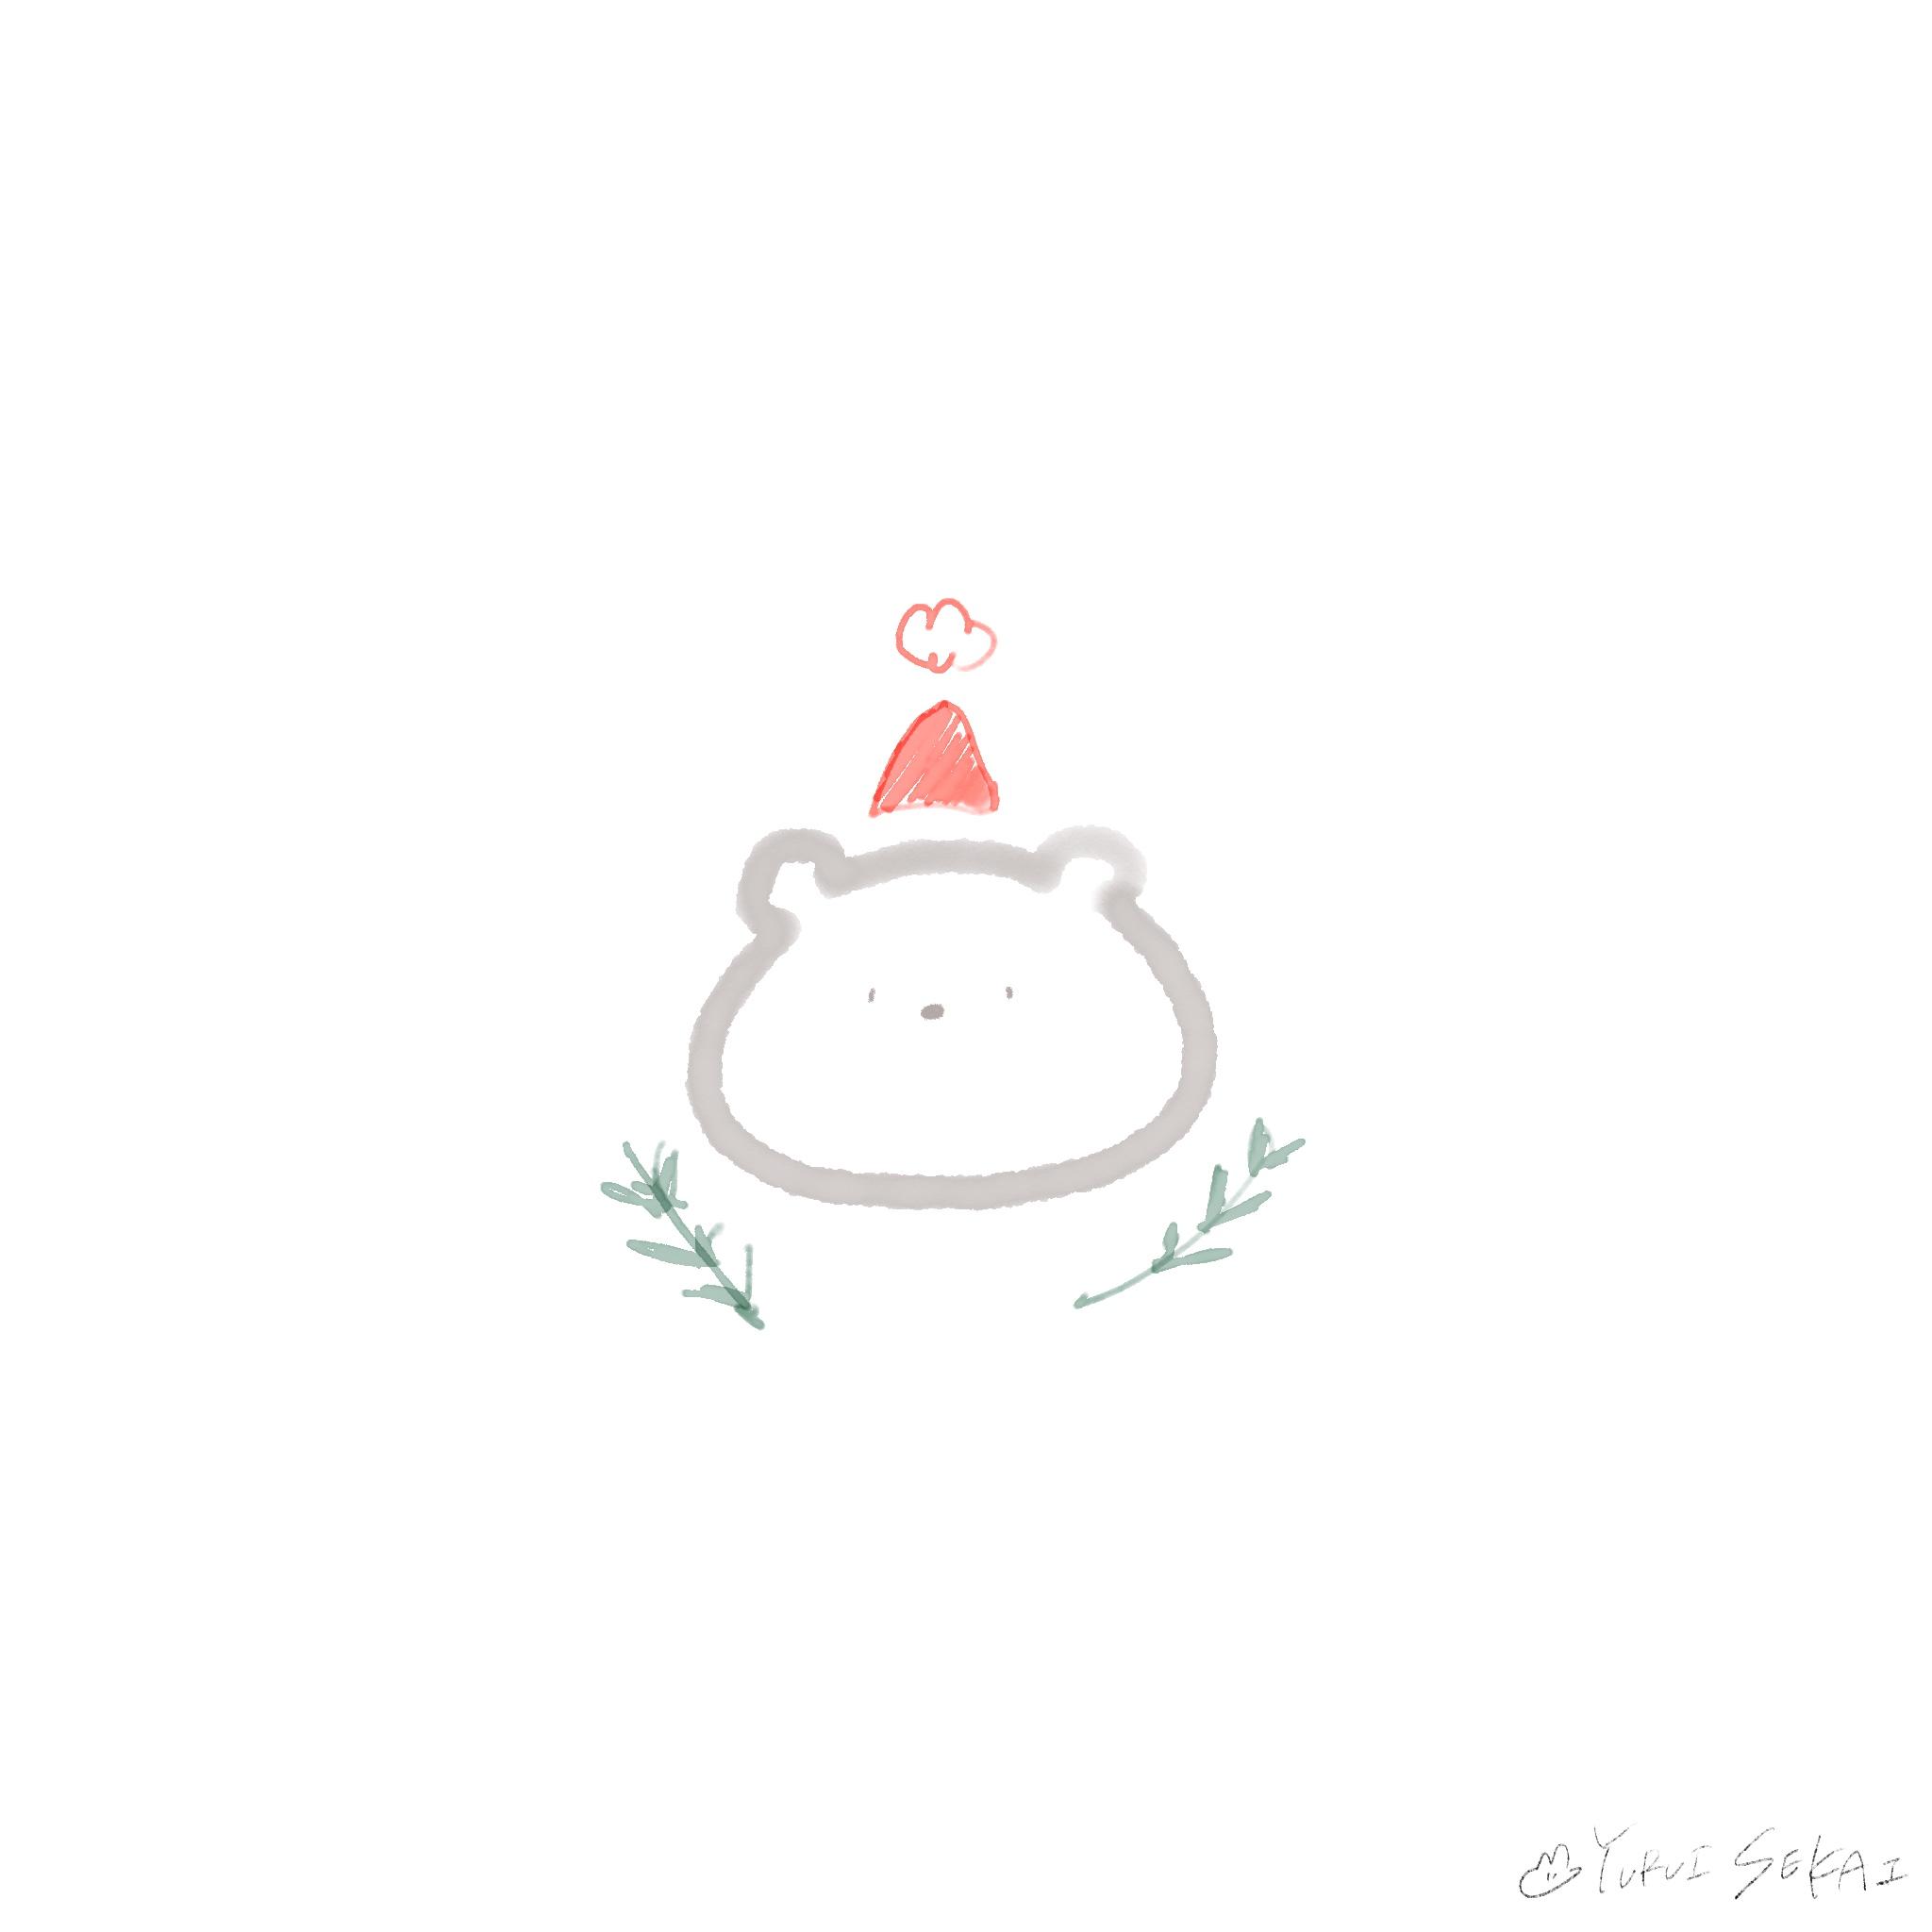 【クリスマスのフリー素材】ゆるいせかいのちいさなイラストの詰め合わせ♡【ゆるいイラスト】クリスマスサンタさん